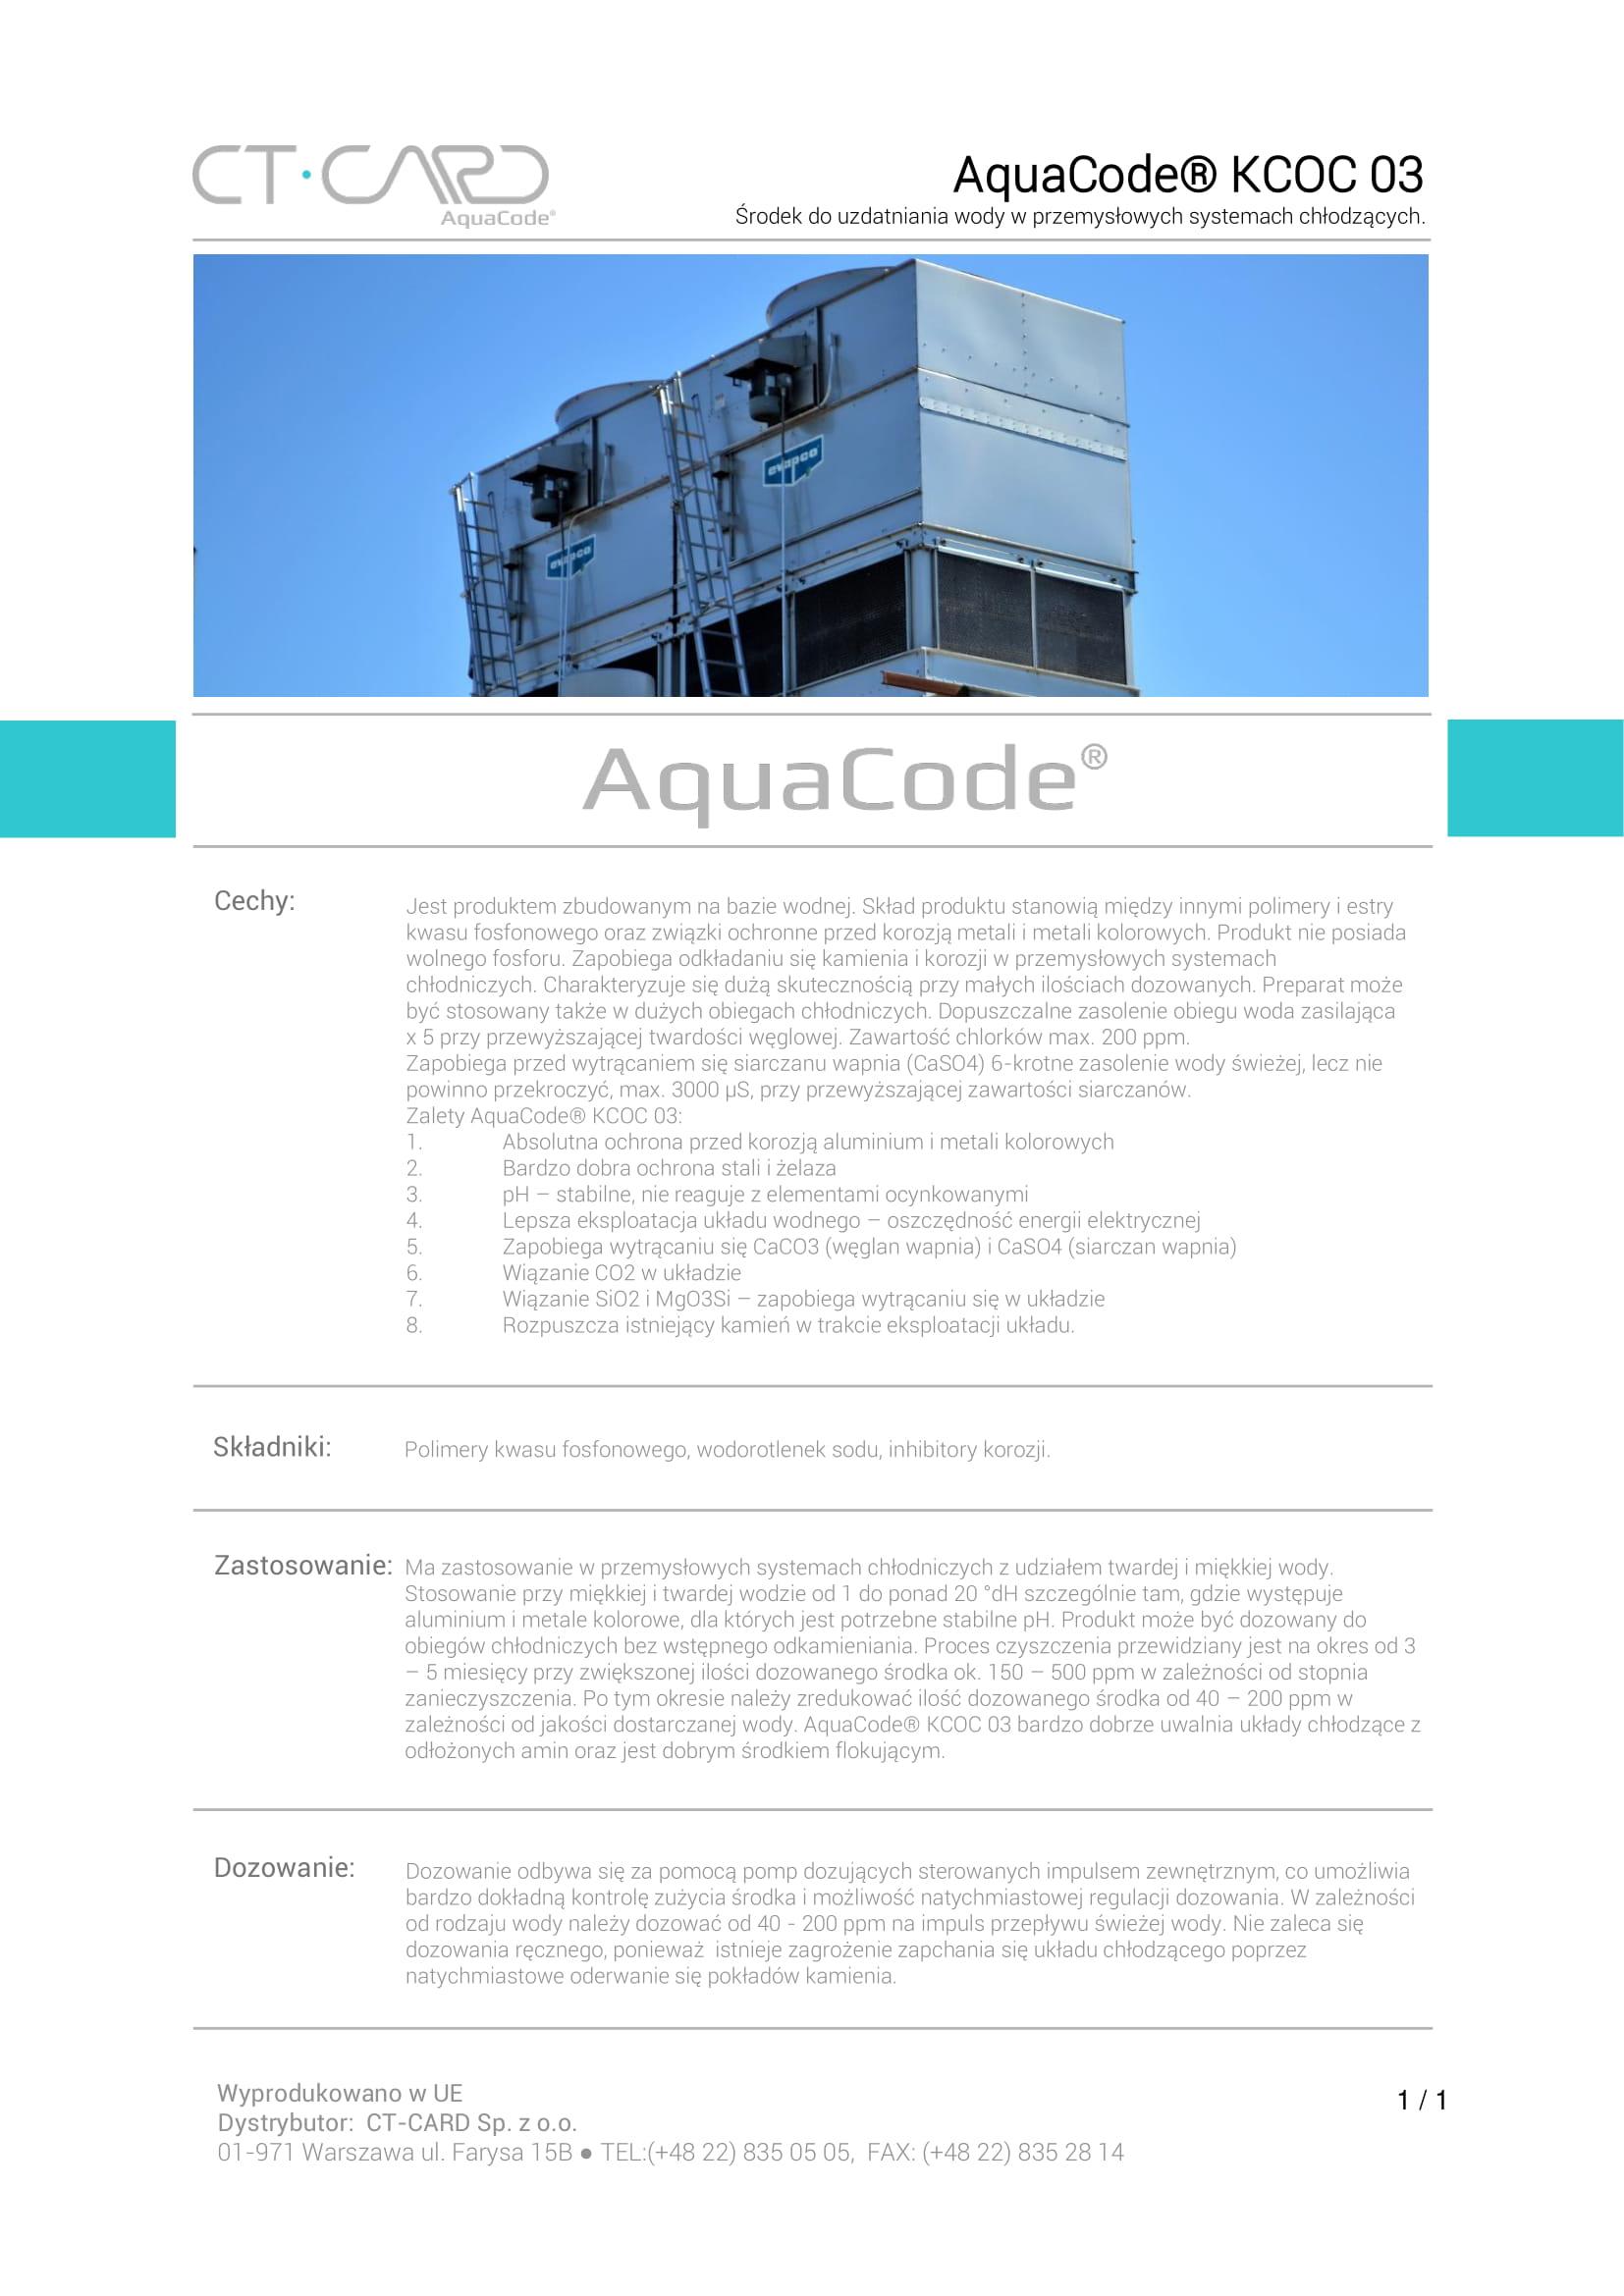 AquaCode_KCOC_03-1